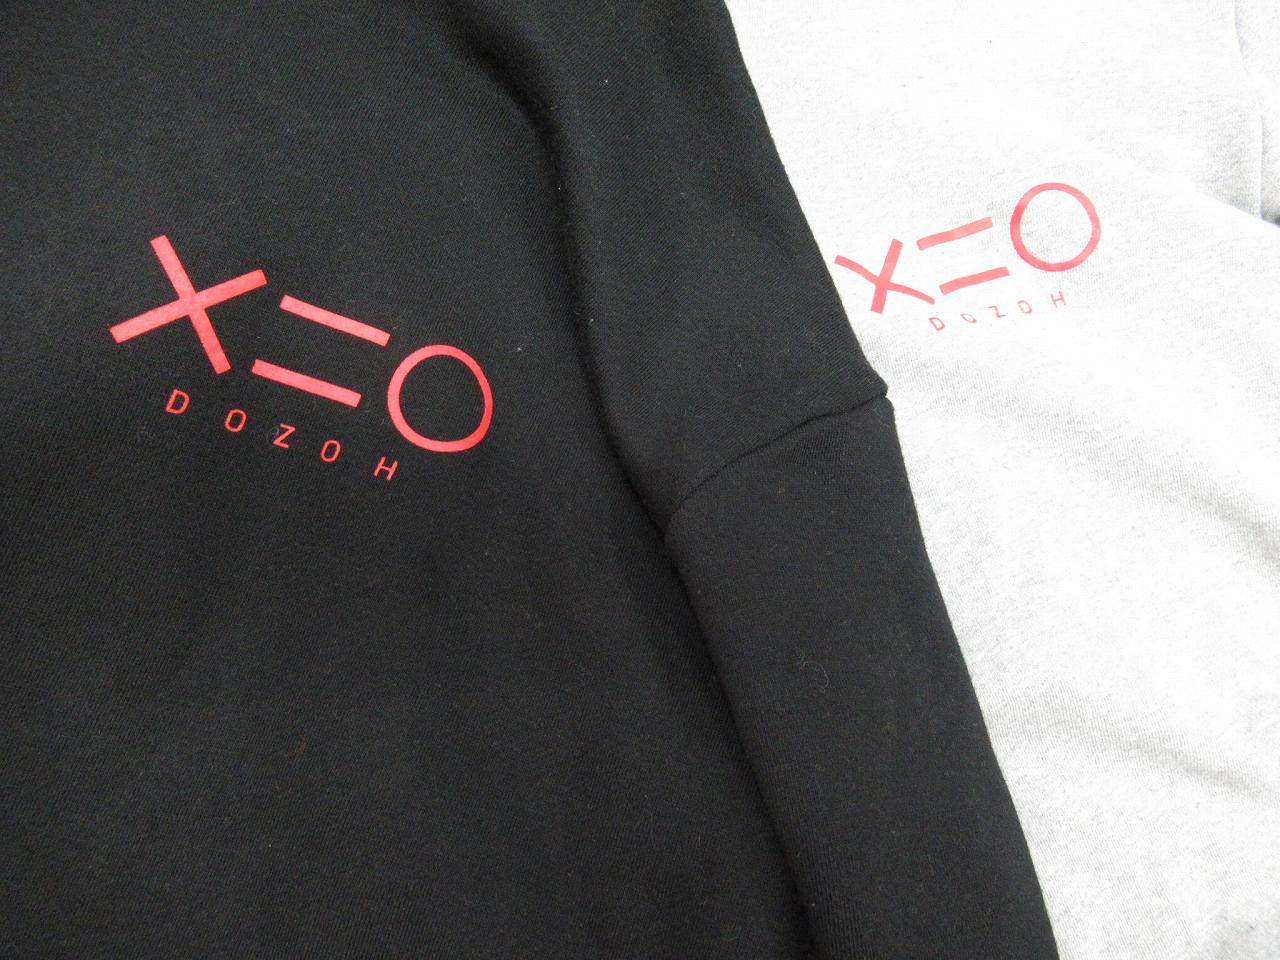 韓国デザイナーズブランドDOZOH/ドゾーのロゴパーカーが入荷!